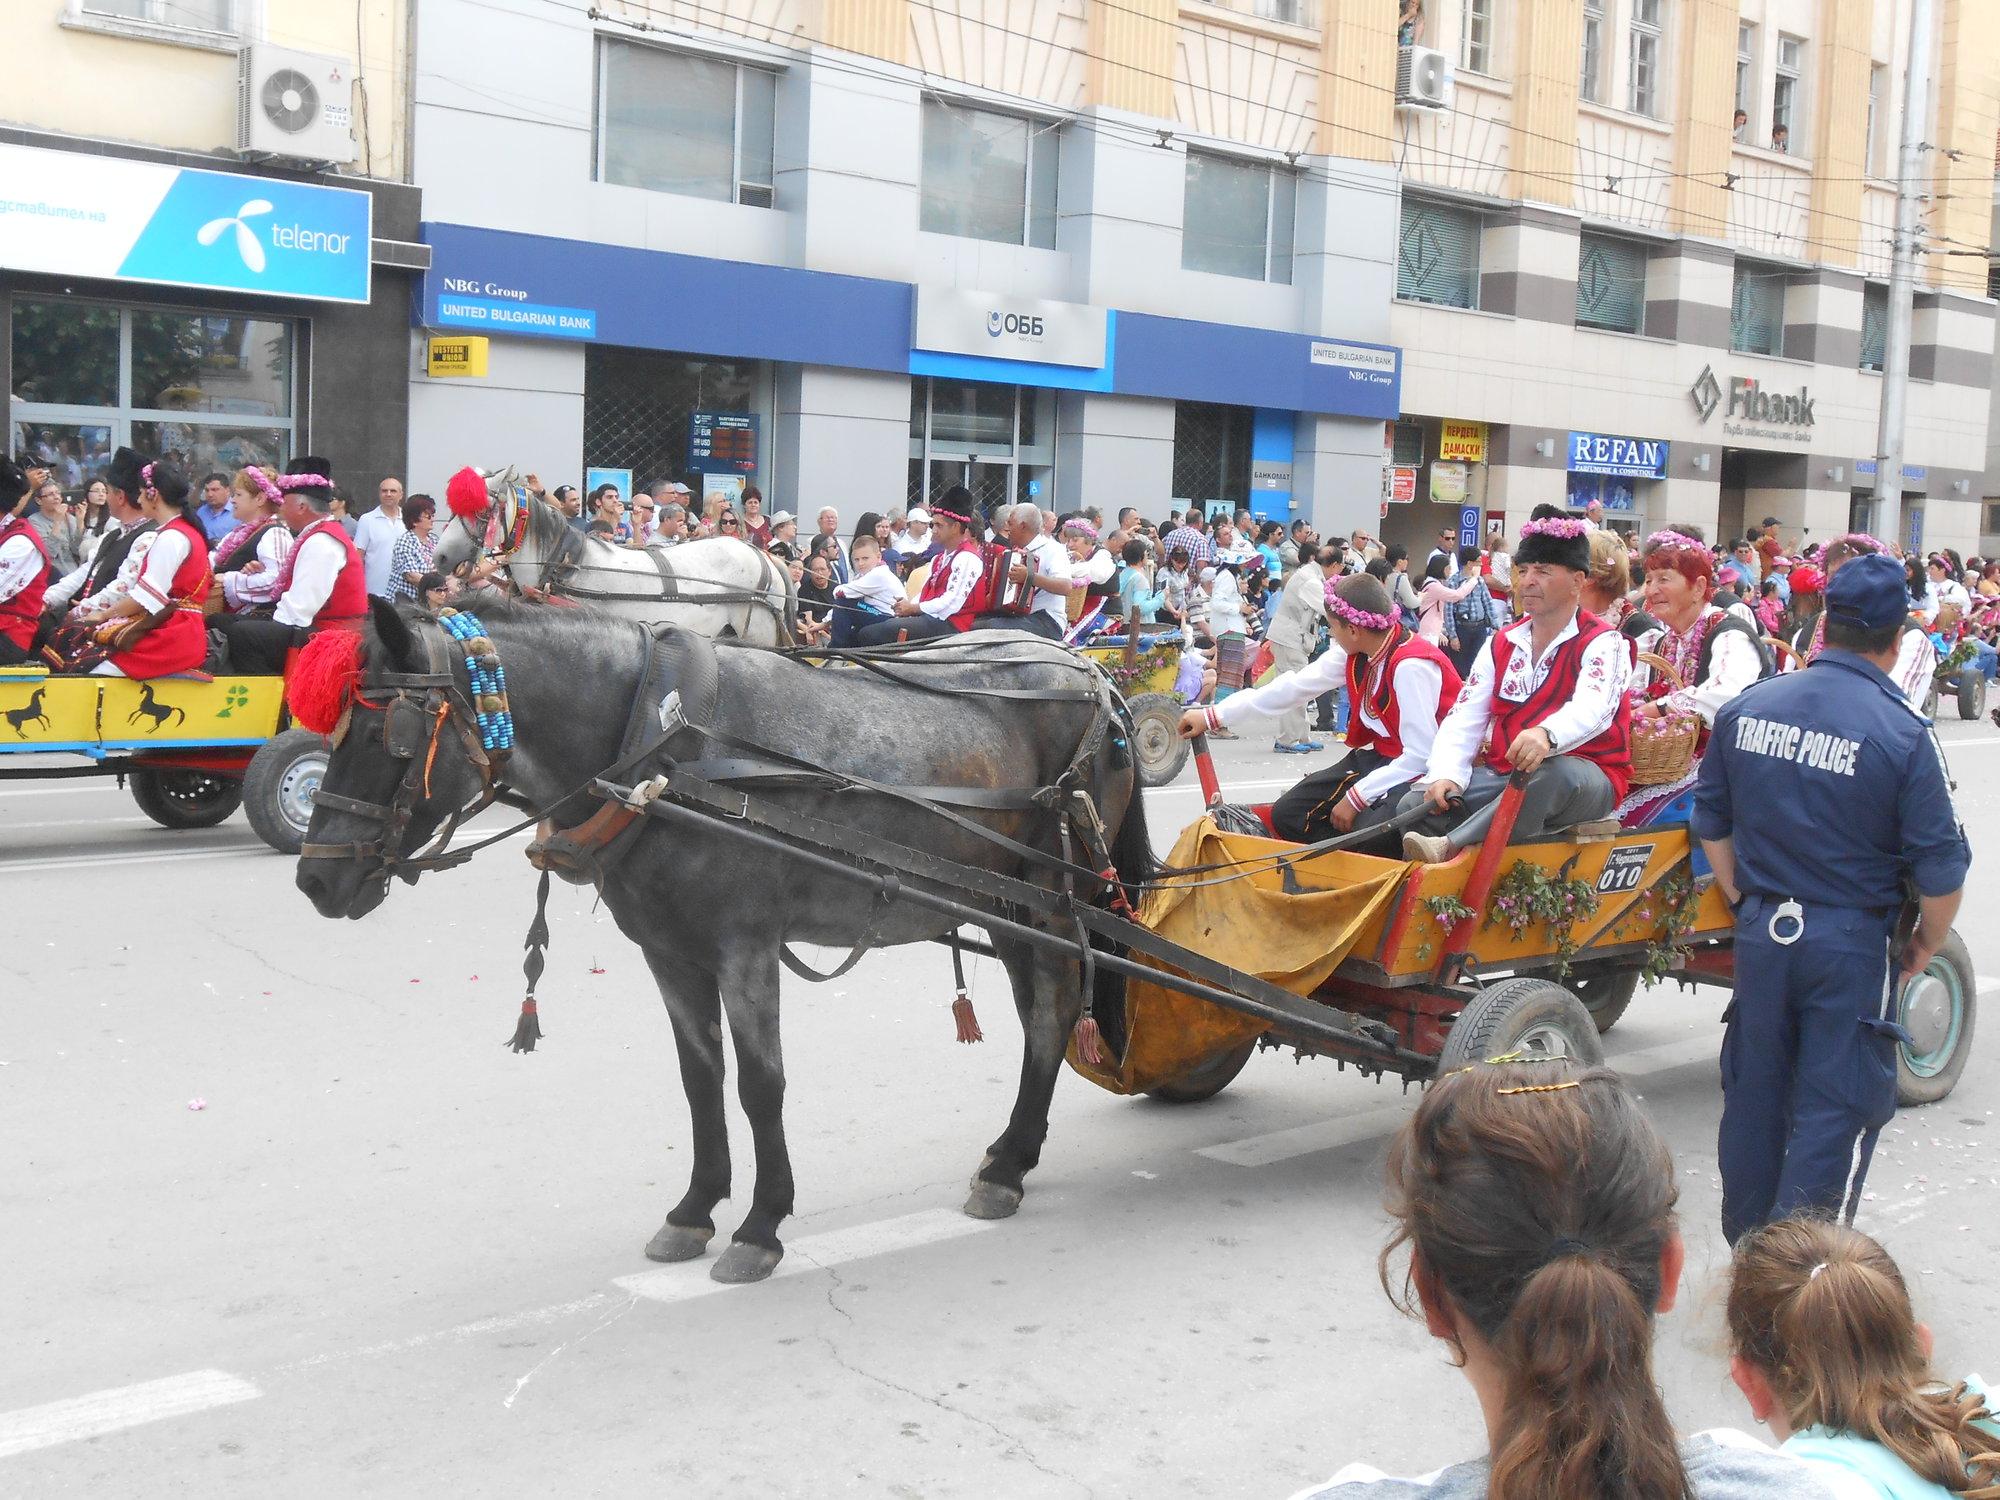 Фестиваль роз в Казанлыке связан с большим праздником всего города, в котором участвуют местные школы, клубы пенсионеров, детские клубы, пожарные-добровольцы и т.д.